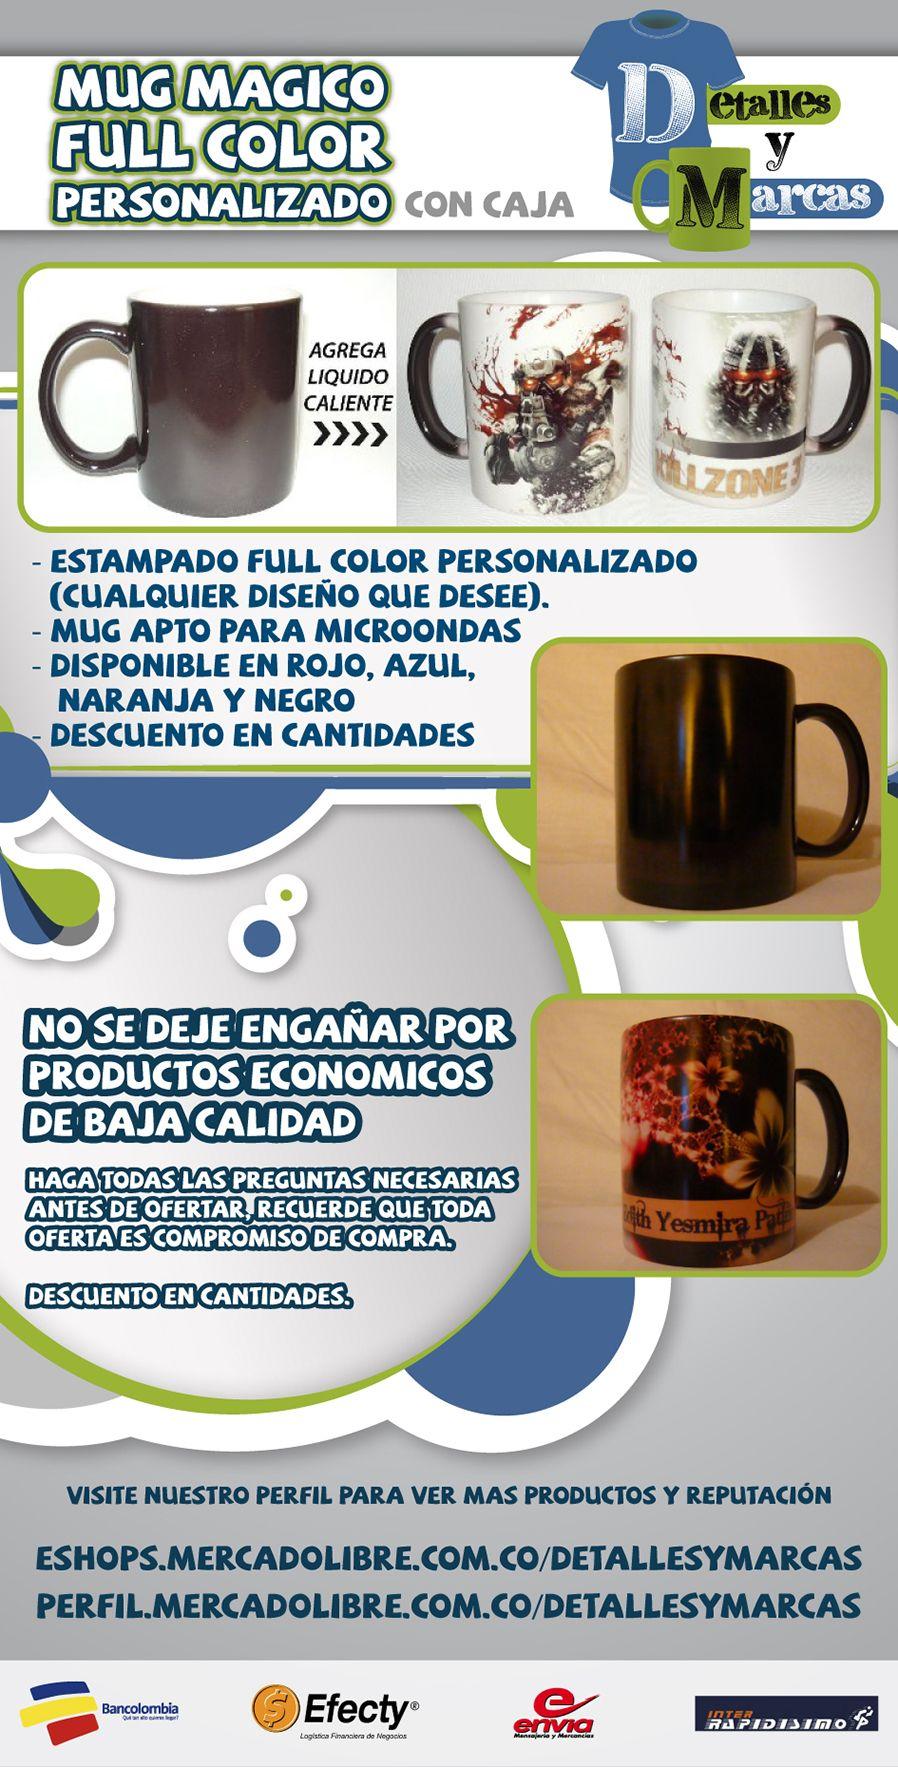 Mug Magico Estampado Personalizado Caja Regalo Publicidad - $ 14.000